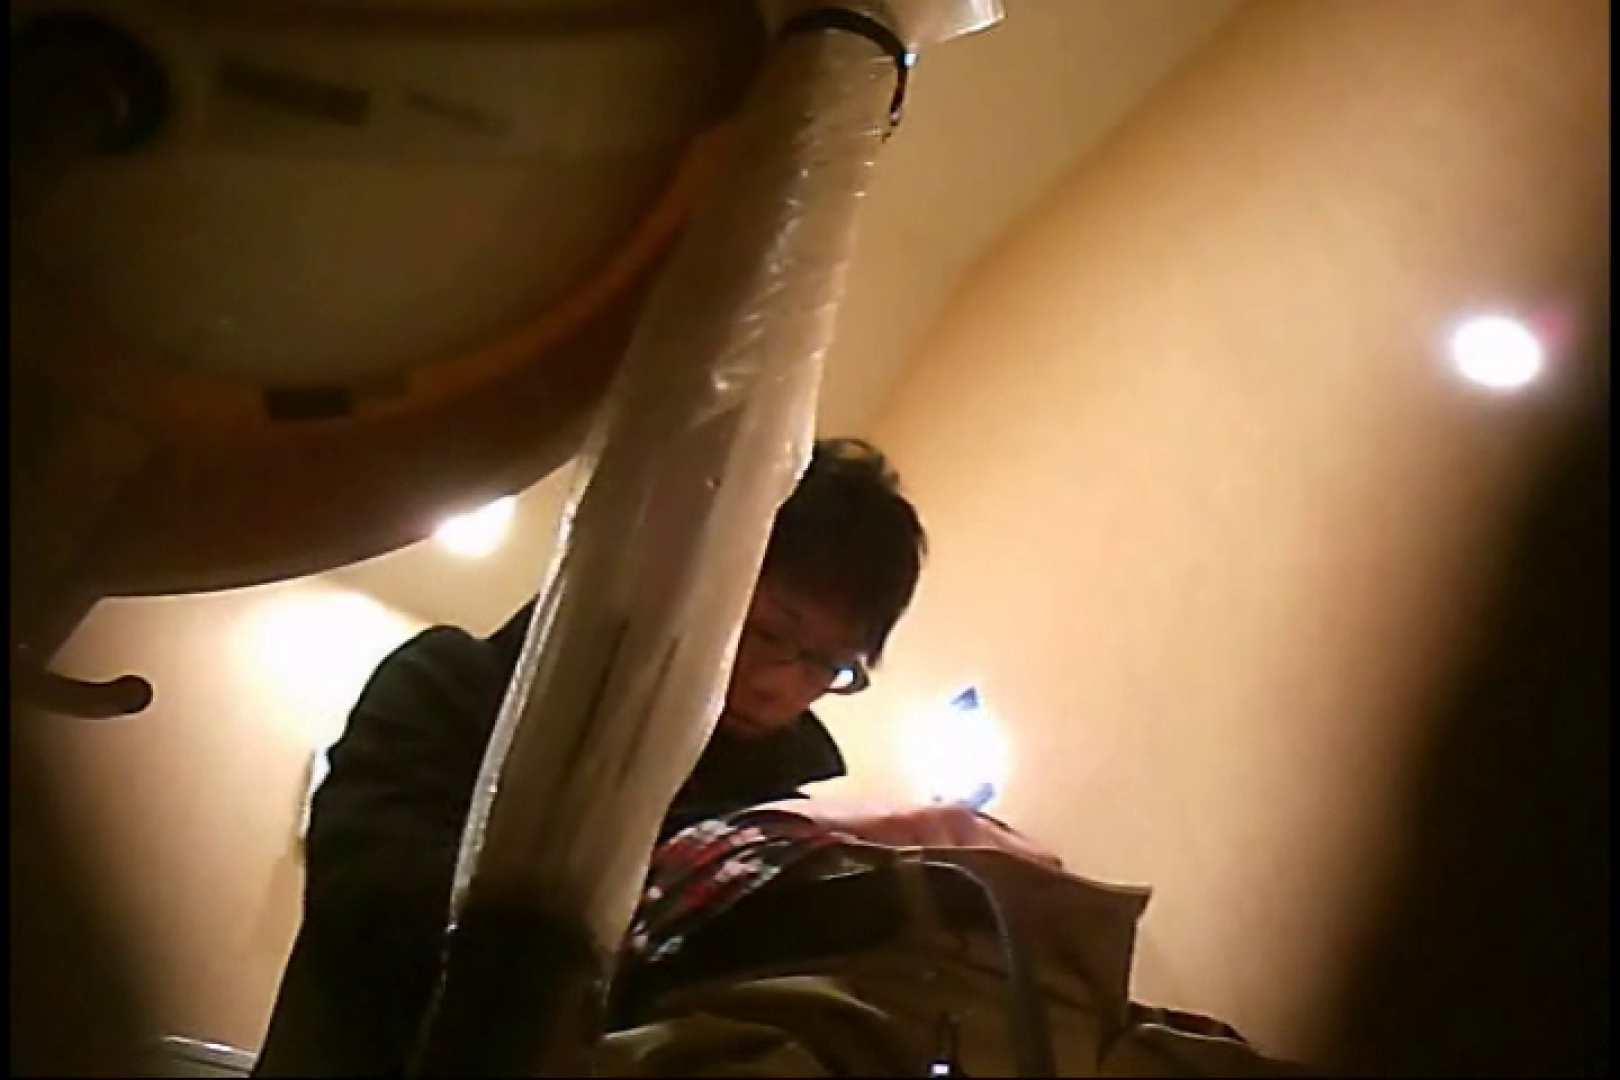 Gボーイ初投稿!掴み取りさんの洗面所覗き!in新幹線!VOL.06 男に首ったけ | ノンケ  52連発 37